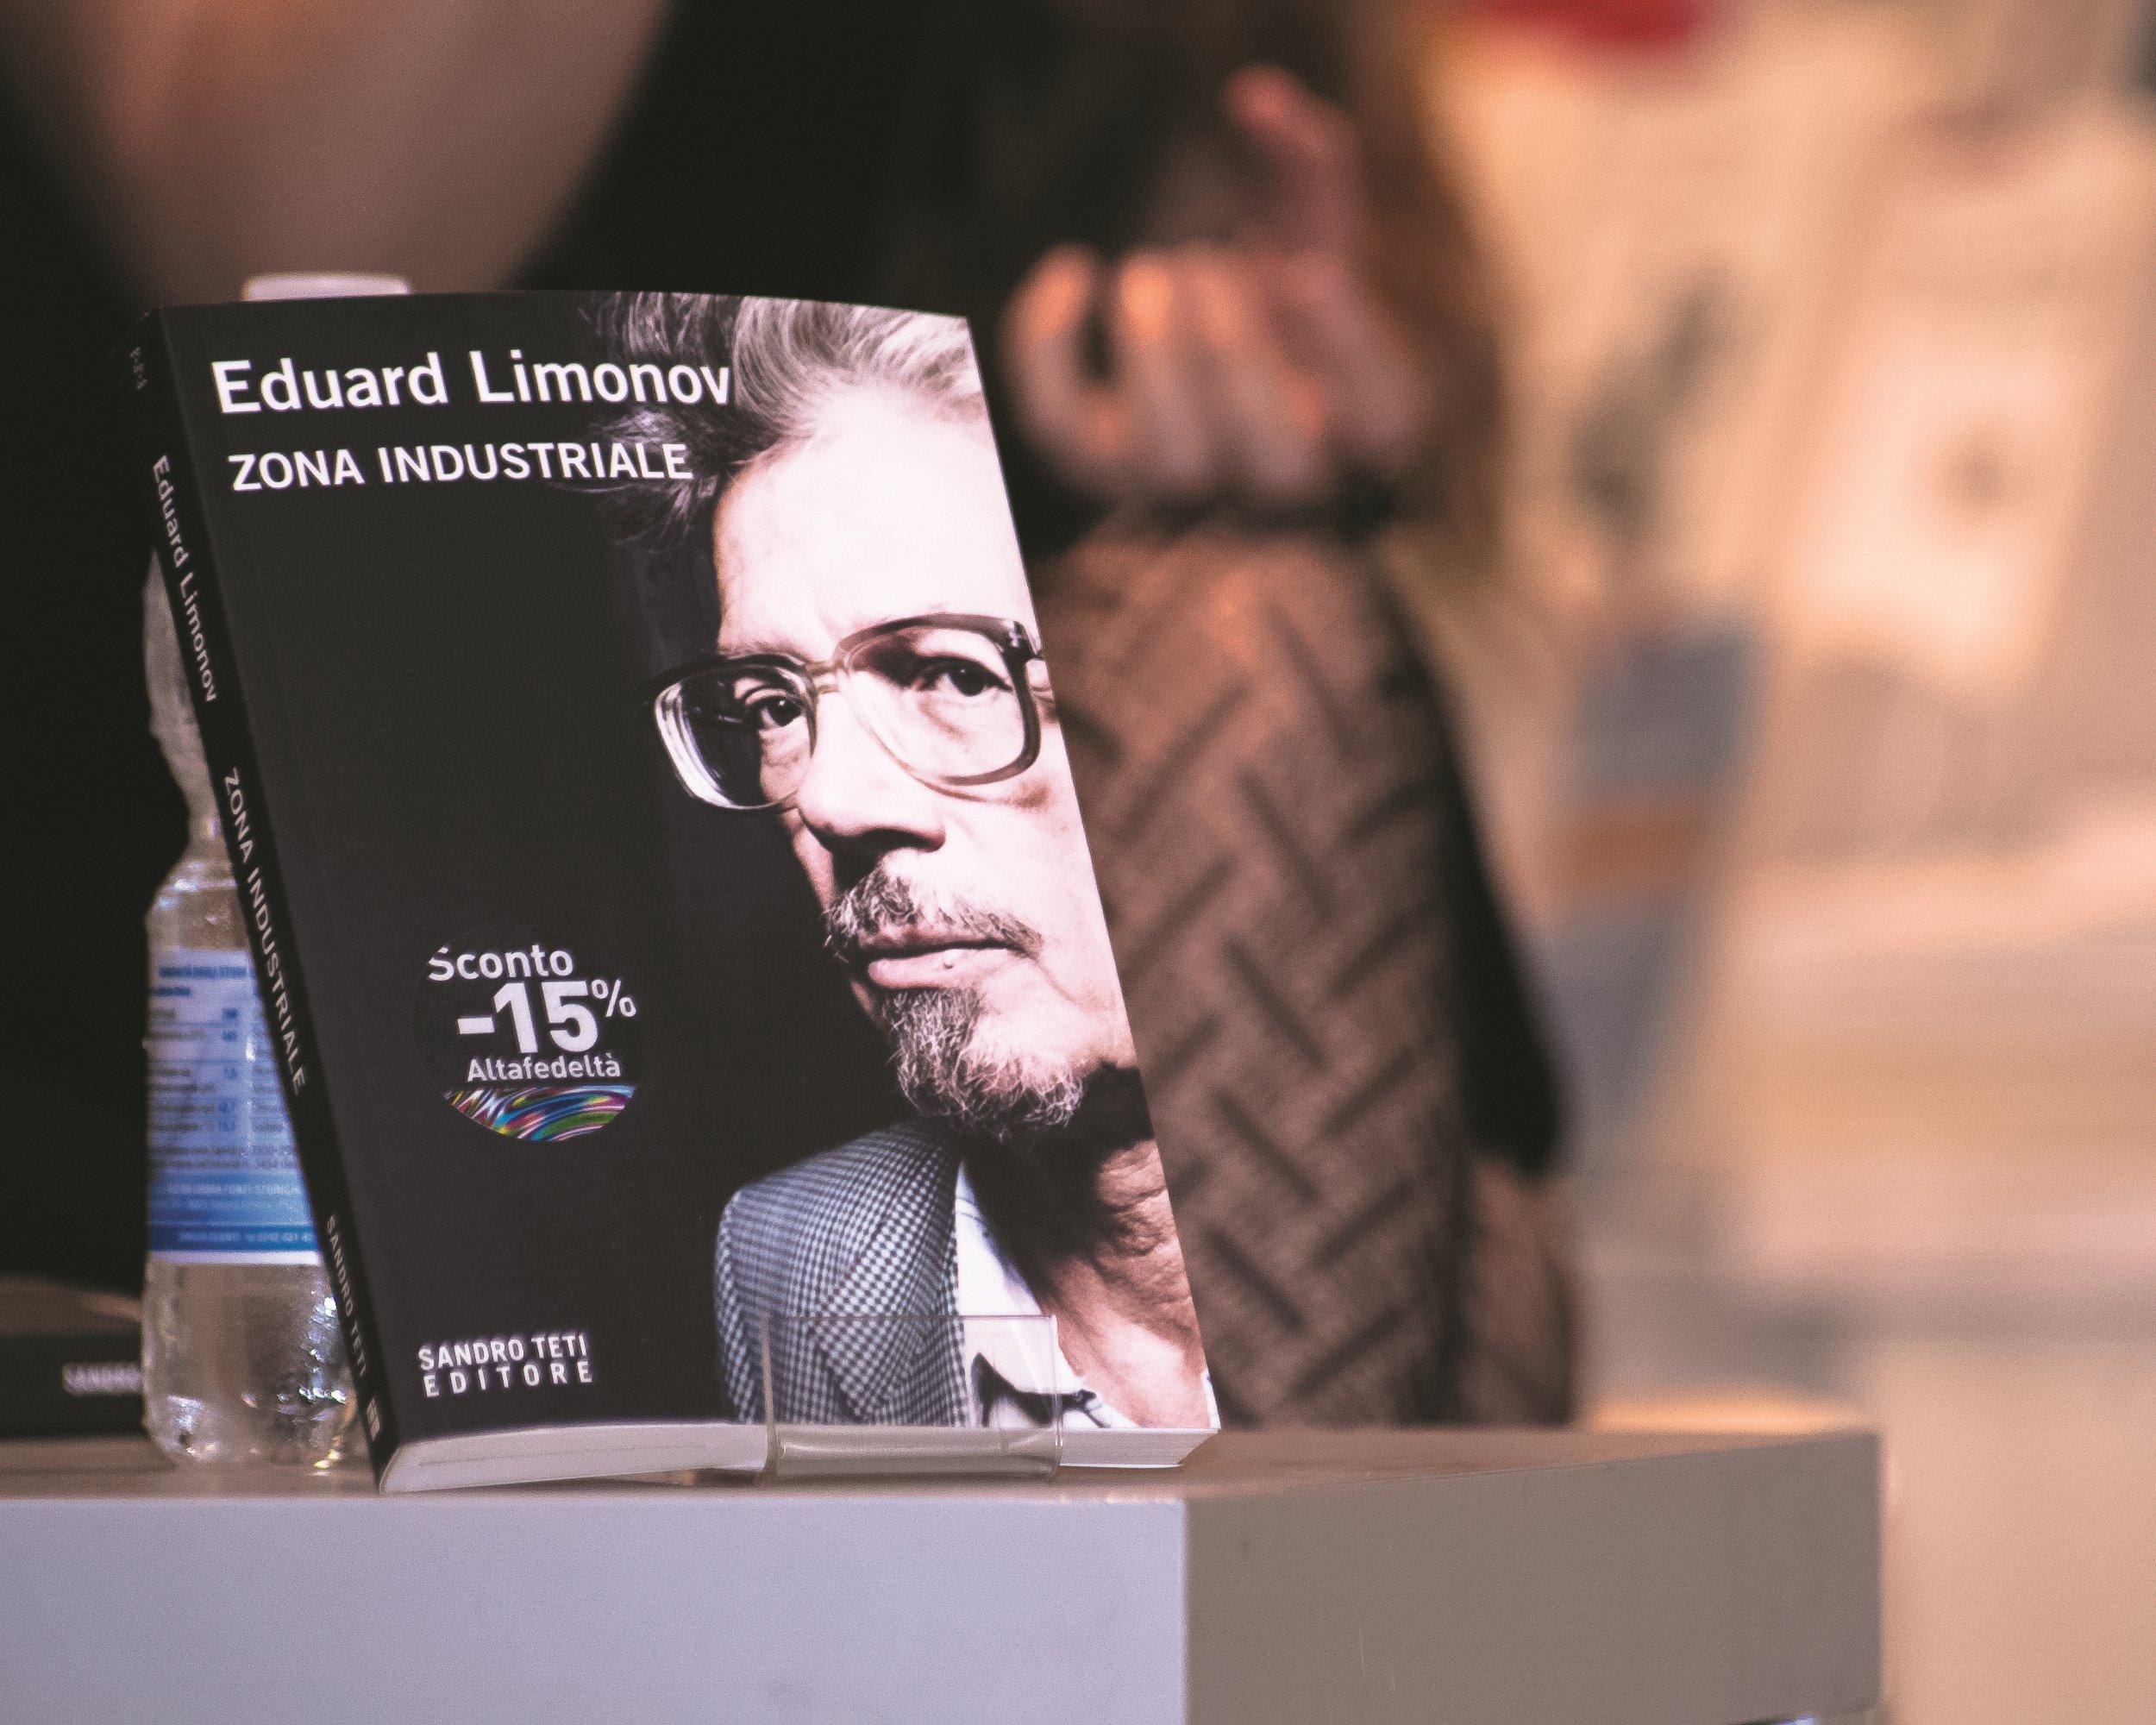 """Presentazione del libro di Eduard Limonov """"Zona industriale"""" presso IBS+Libraccio a Roma."""